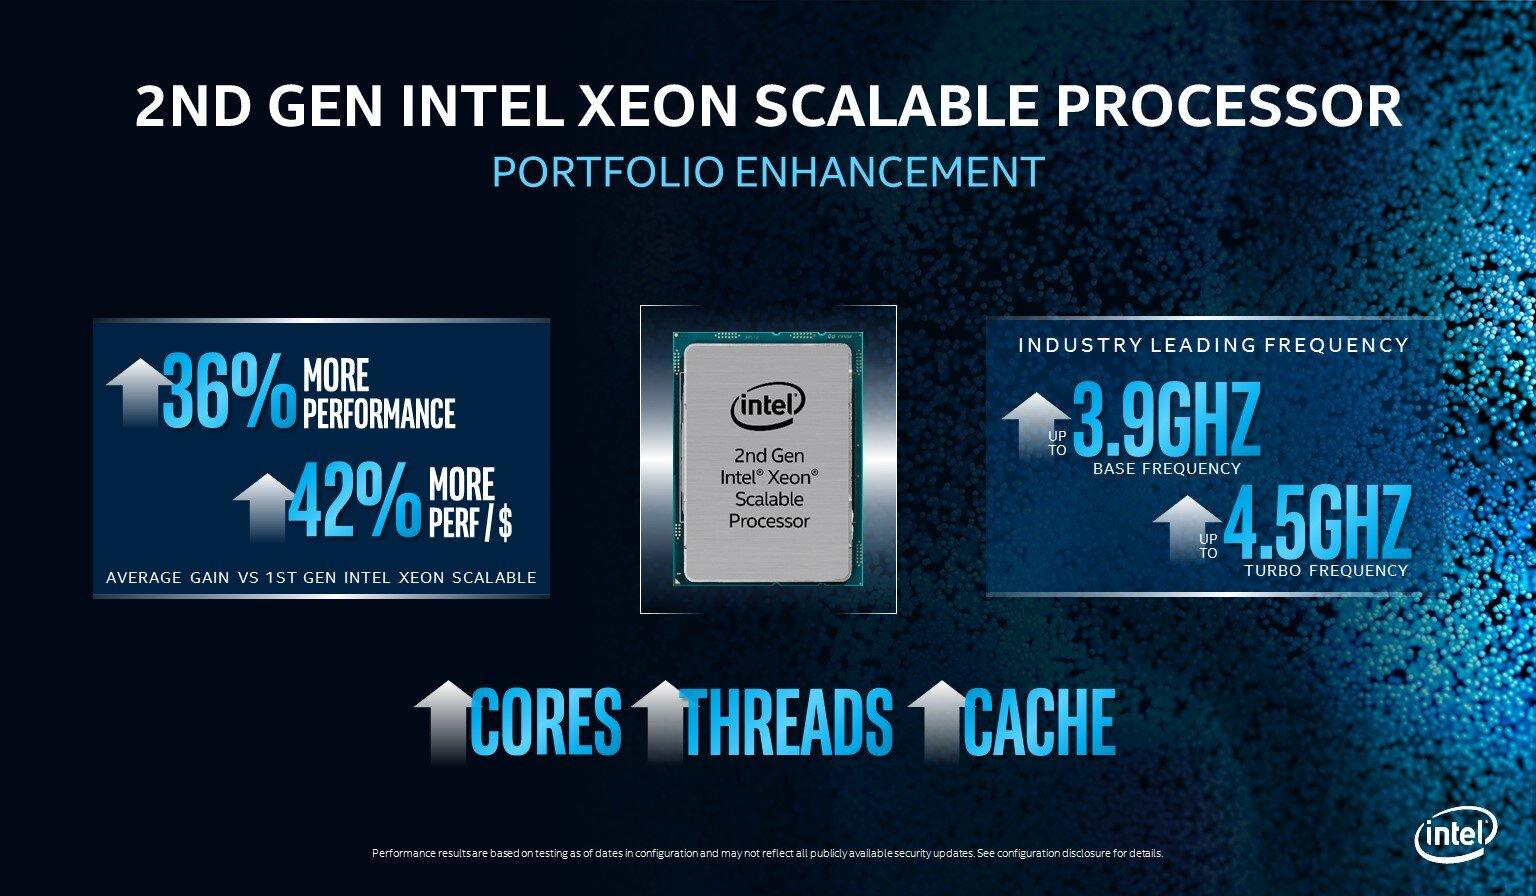 2nd-Gen Xeon Scalable Portfolio Enhancements